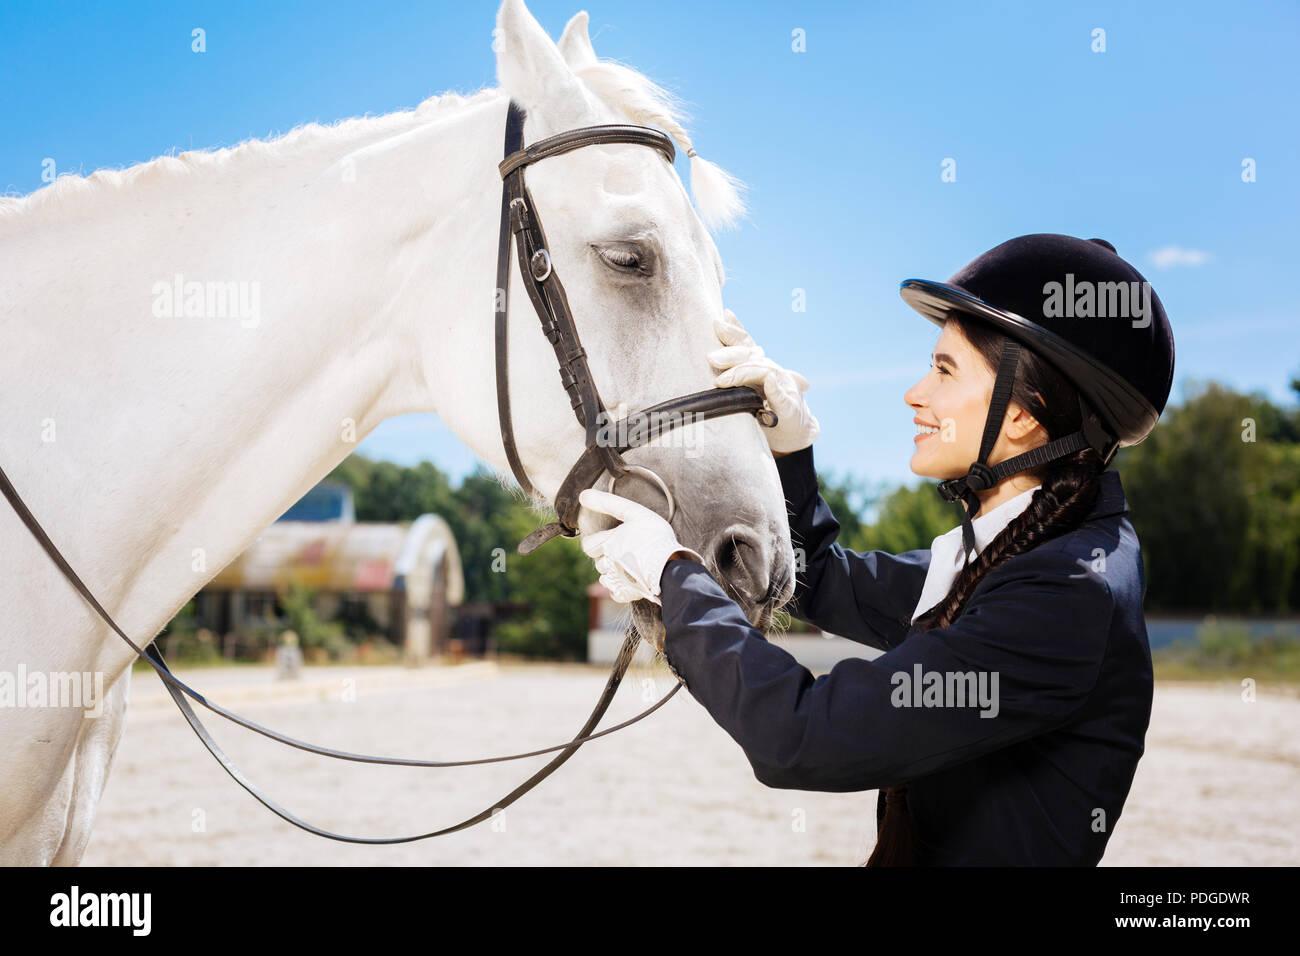 Jóvenes prometedores horsewoman próximos a su precioso caballo blanco Imagen De Stock